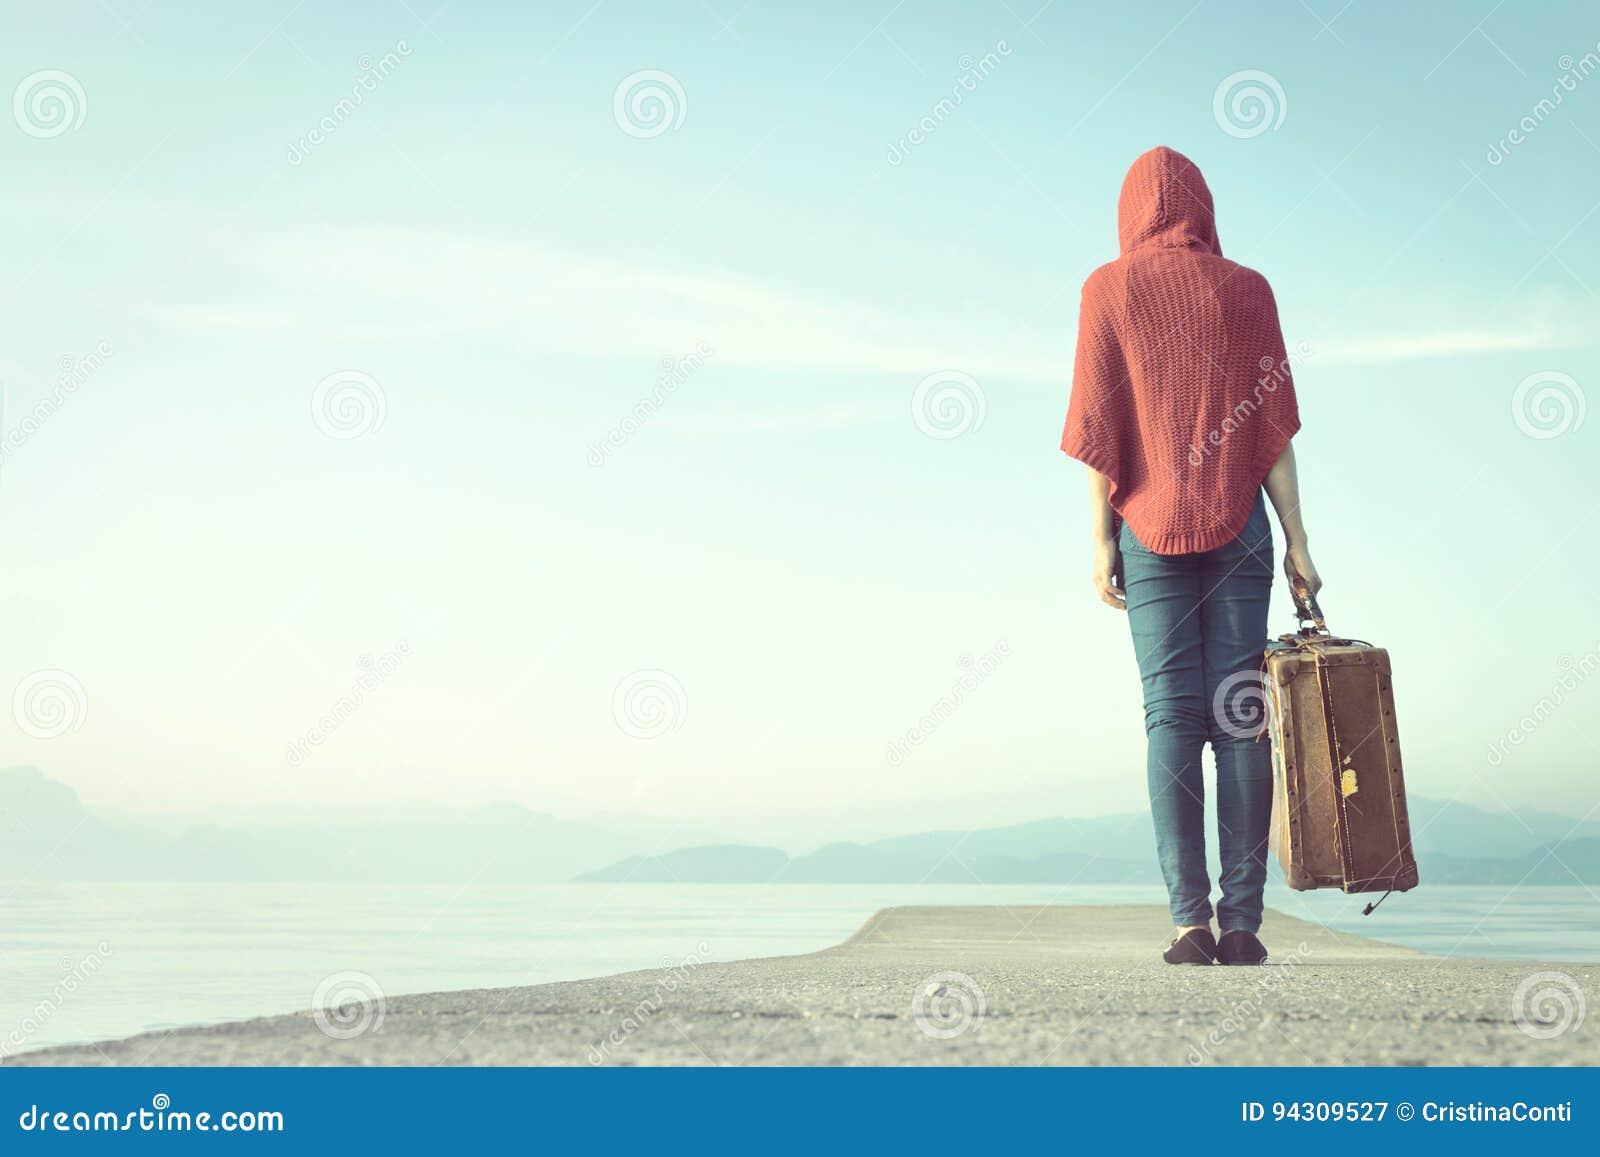 Reisende Frau geht in Richtung zur Unendlichkeit für ihre Reise